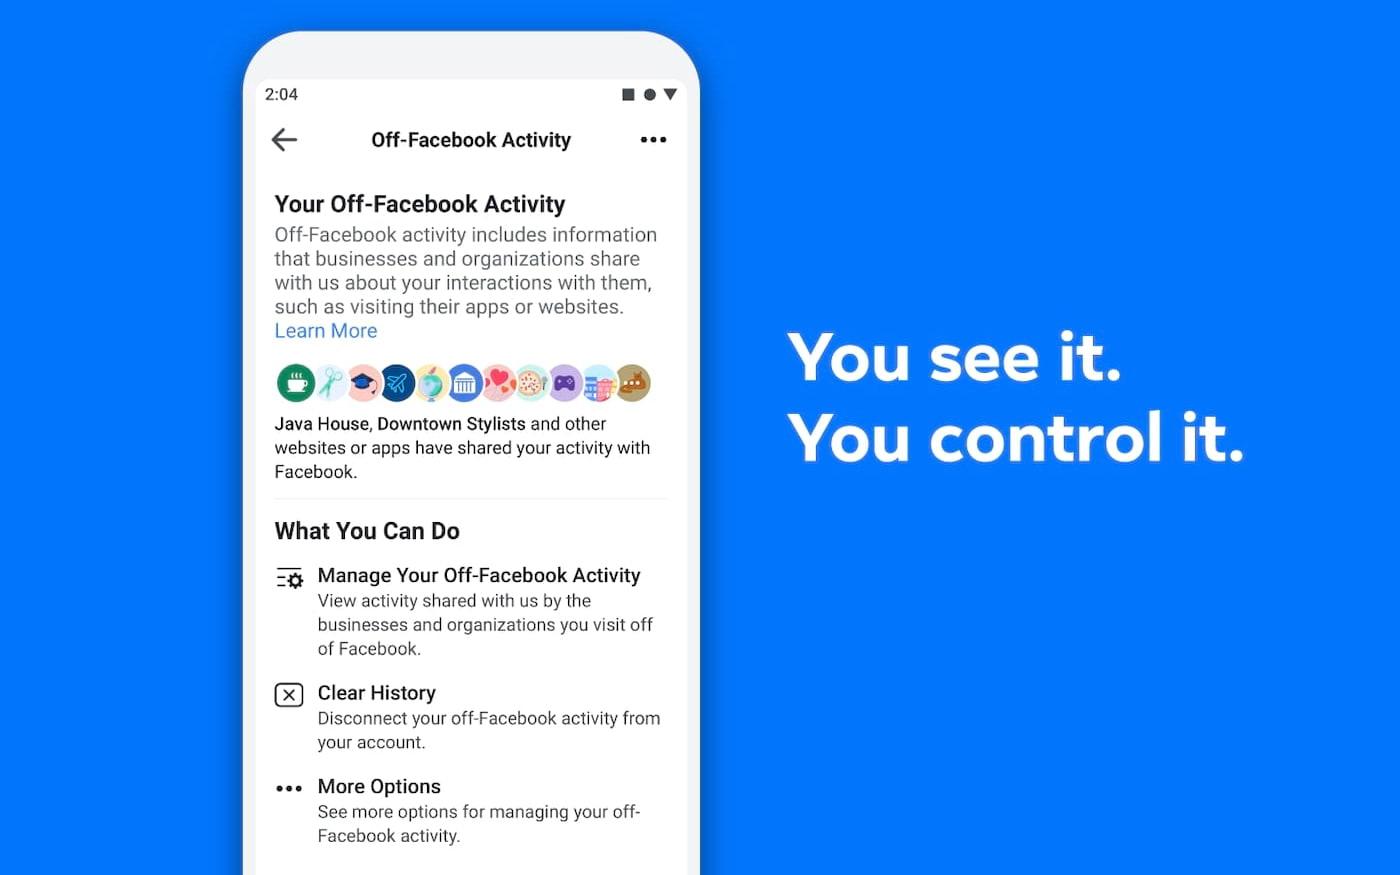 Facebook implementa novo controle de compartilhamento dos seus dados